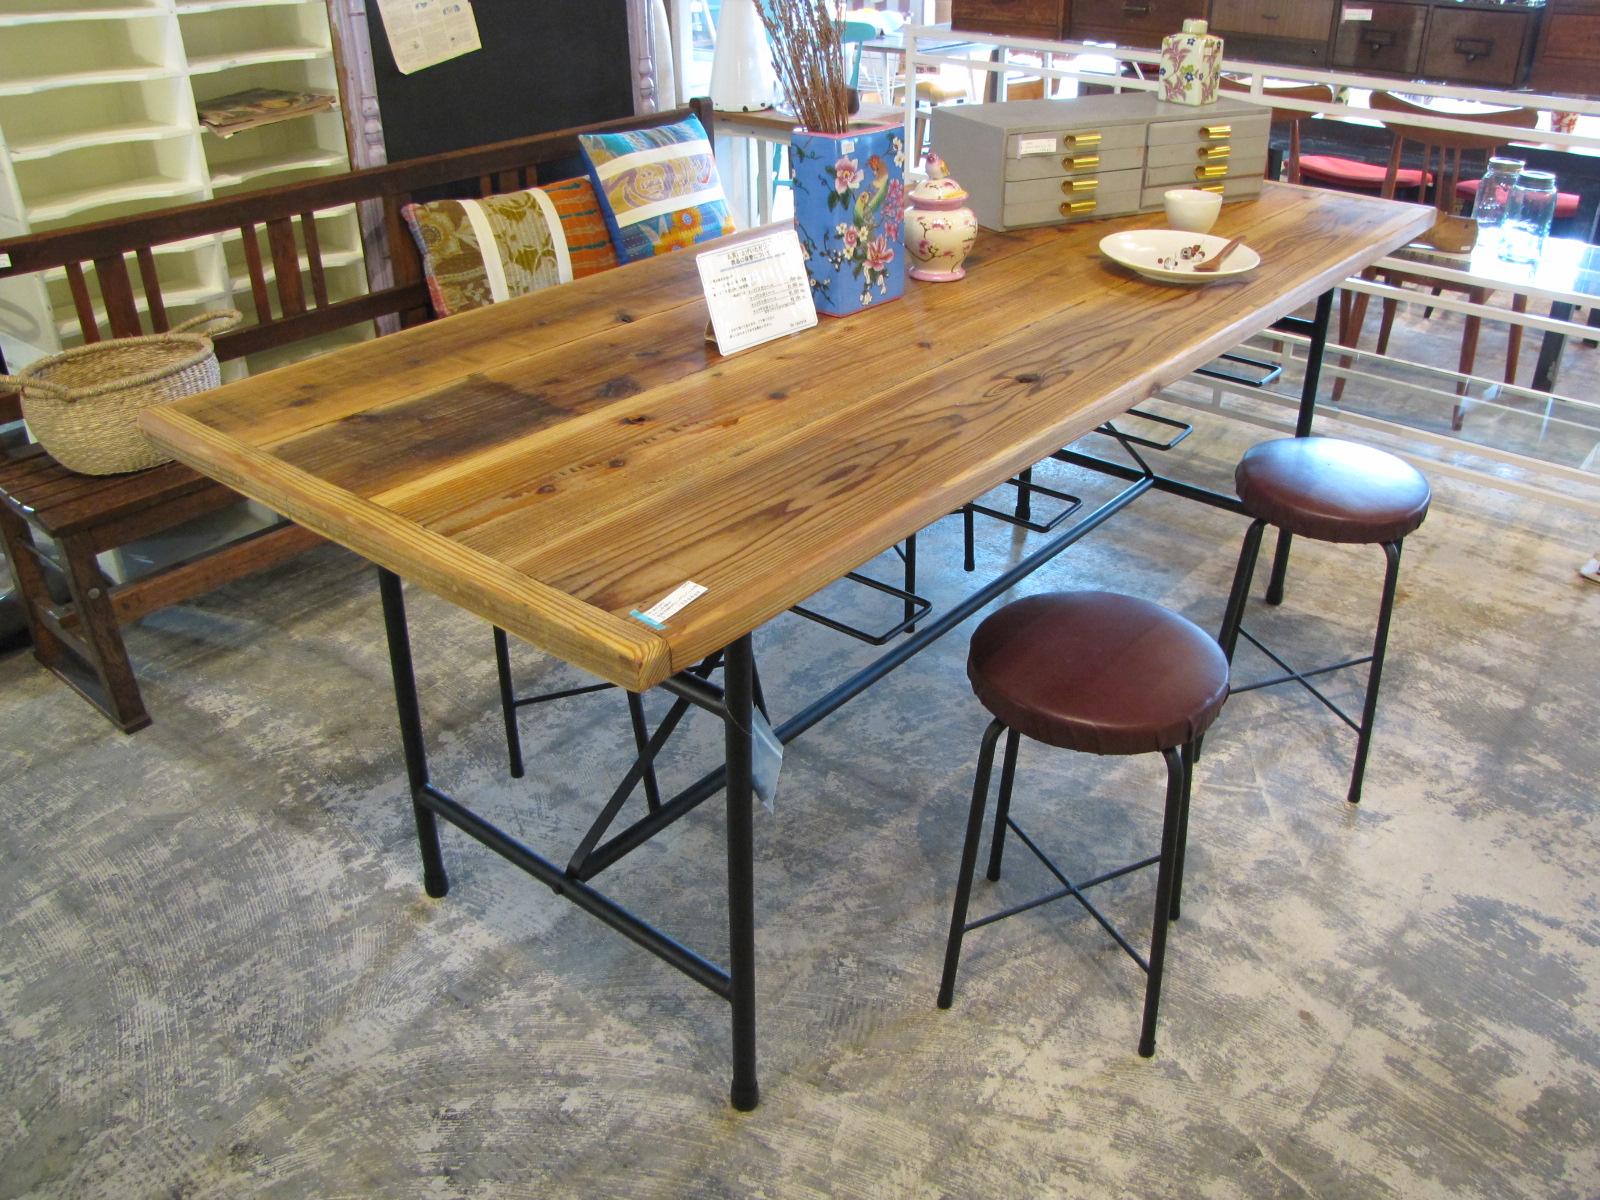 リ・デザイン スツール付き古材天板のダイニングテーブル